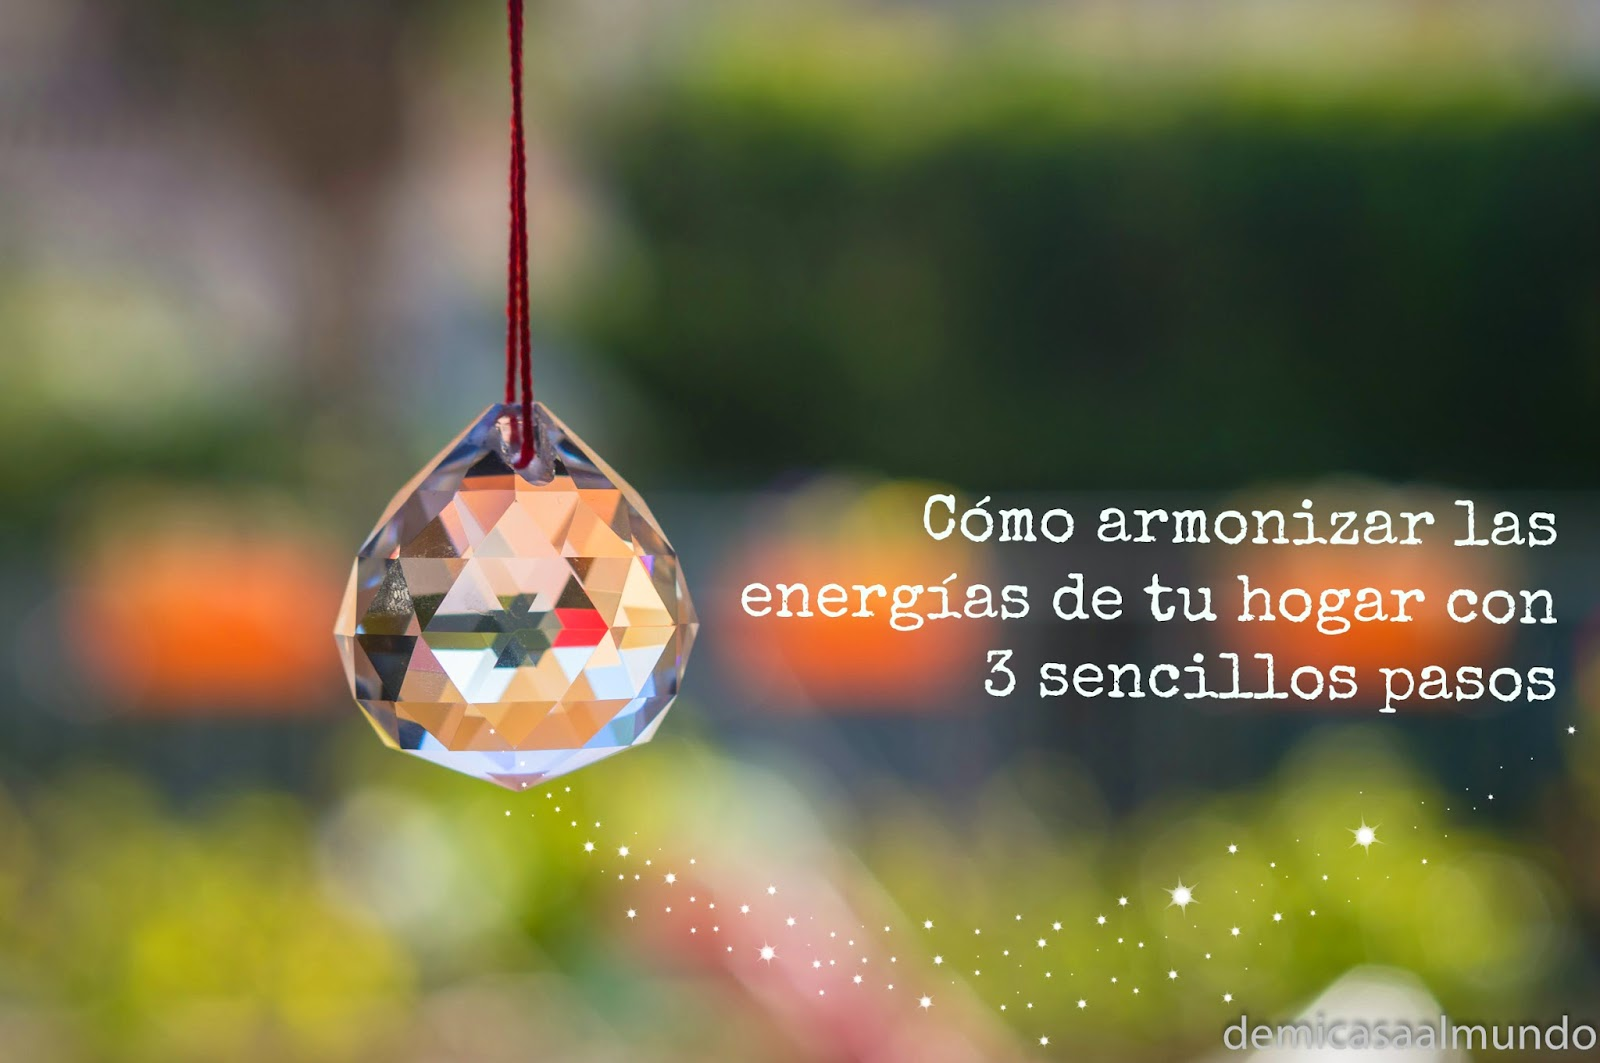 3 formas f ciles de sanear las energ as de tu casa de mi casa al mundo - Limpieza de malas energias ...